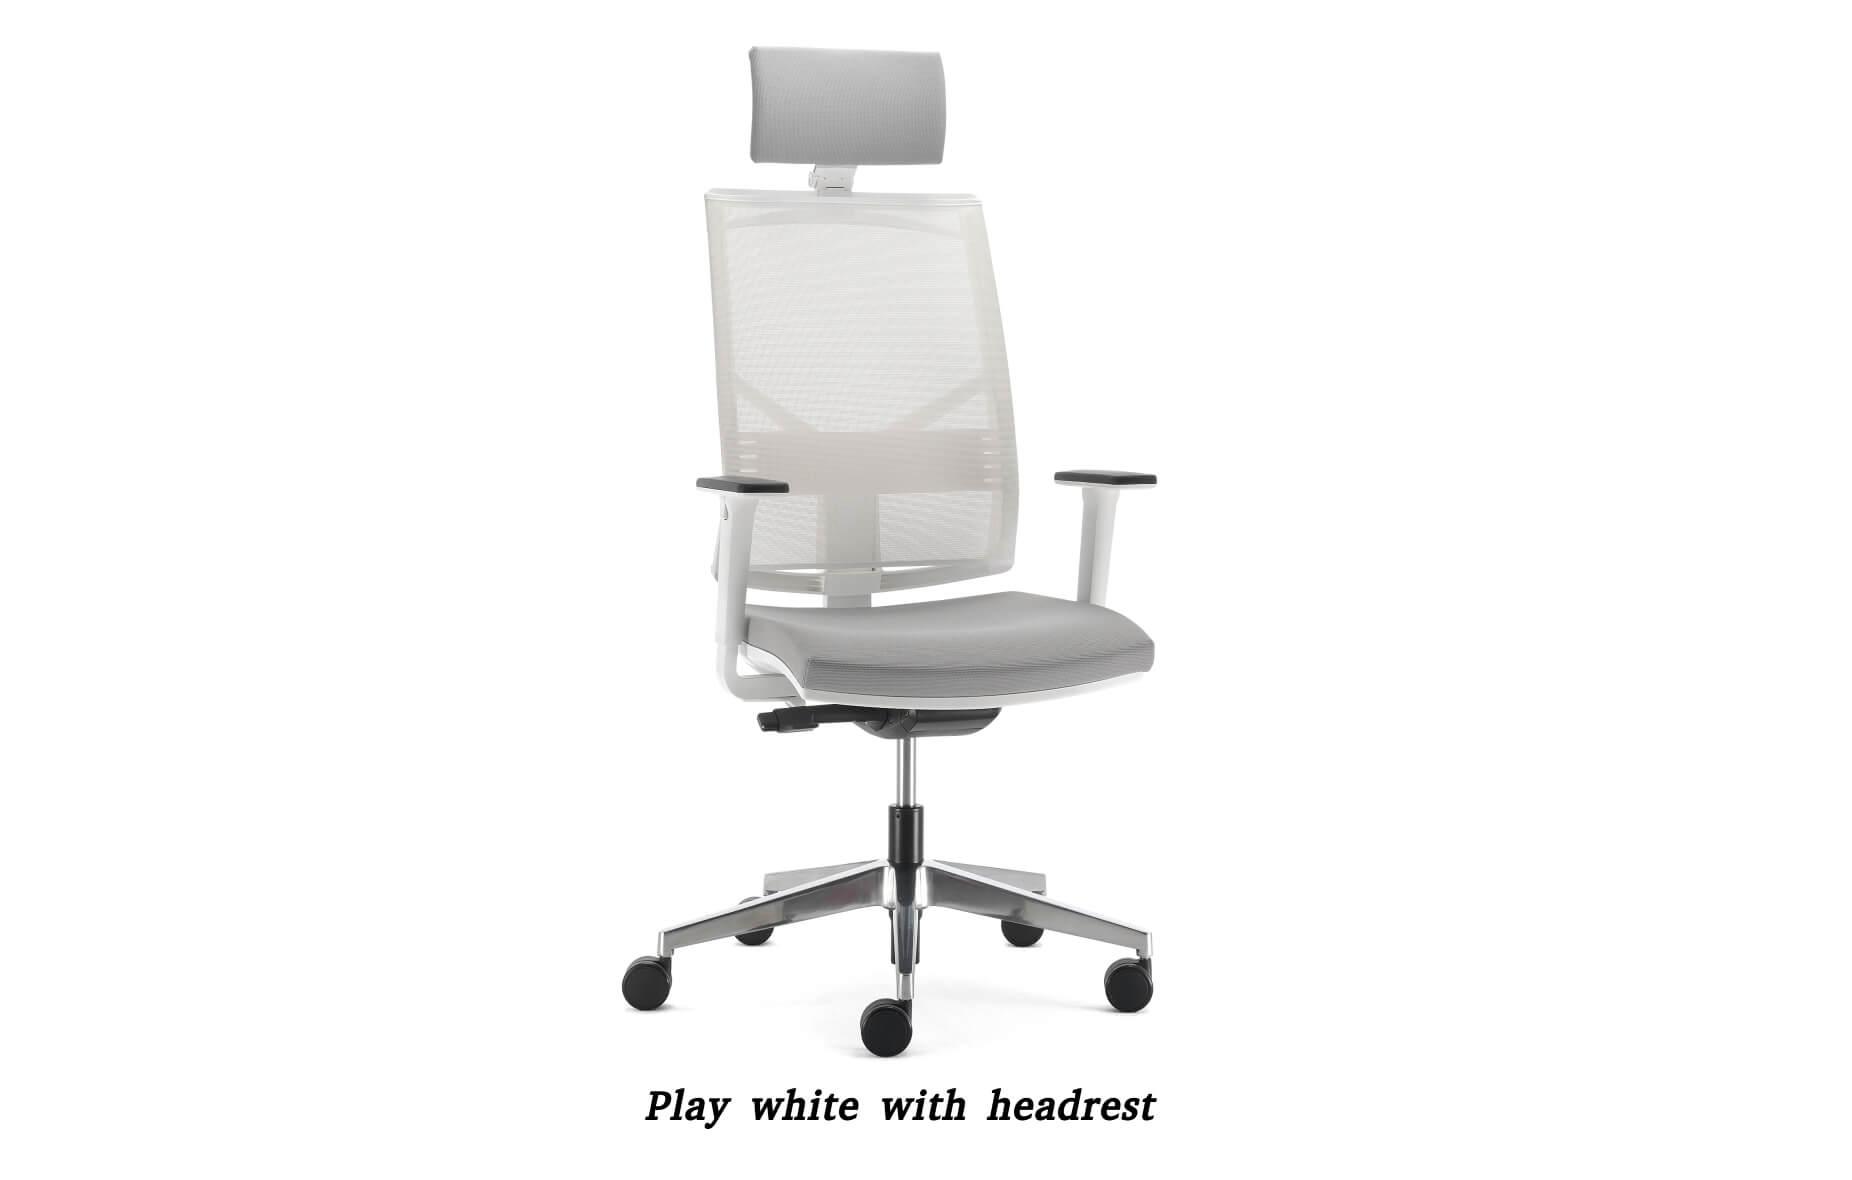 Play кресла в офис Enran